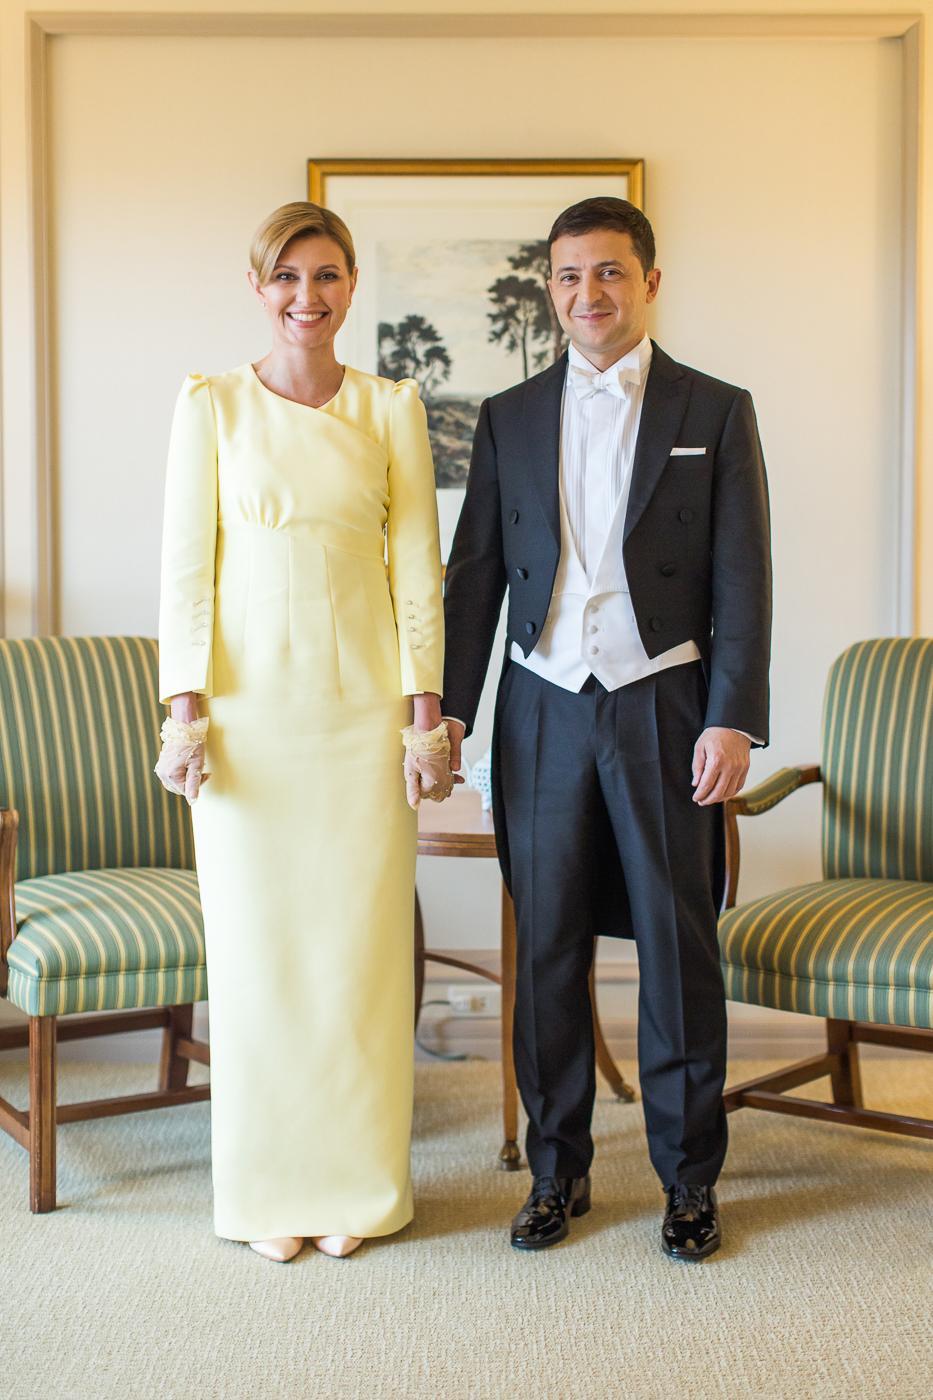 Жовта сукня Олени Зеленської у Японії викликала багато коментарів, мовляв, цим кольором перша леді порушила протокол / фото president.gov.ua